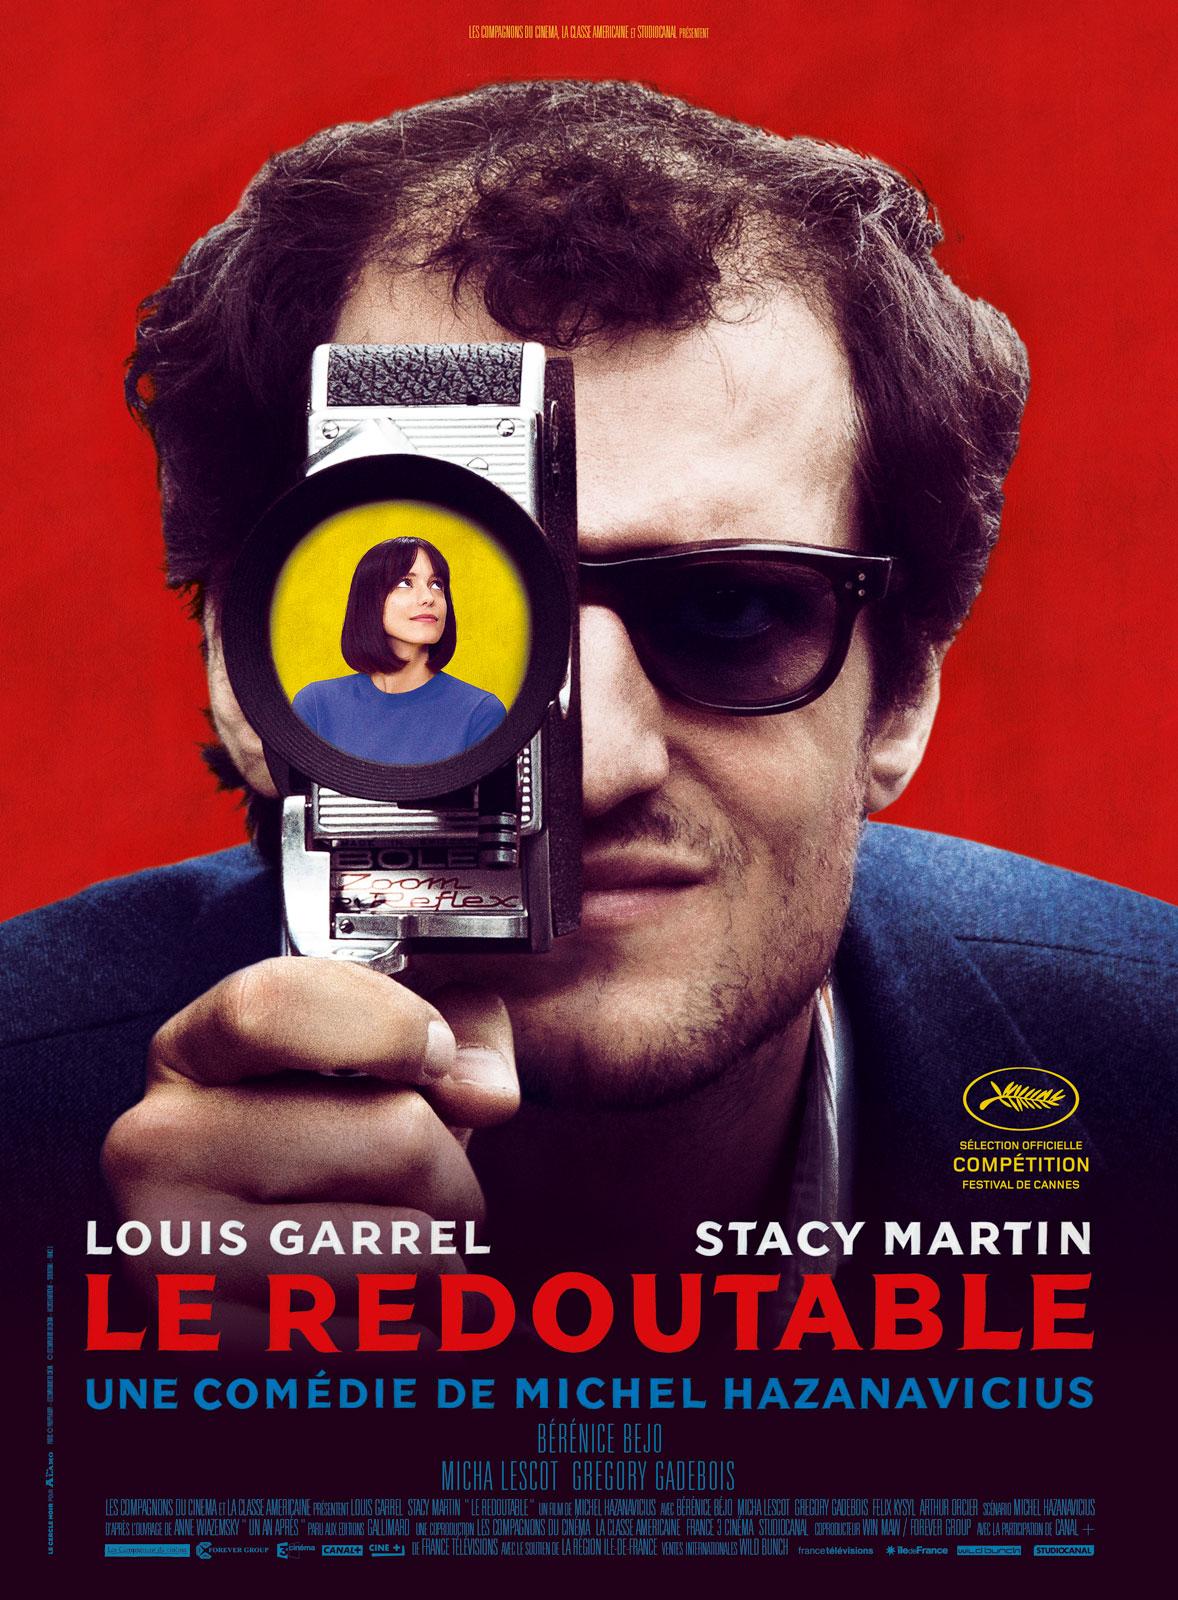 """[Film] Nicolas Berno dans """"Le Redoutable"""" (2017) 052385"""